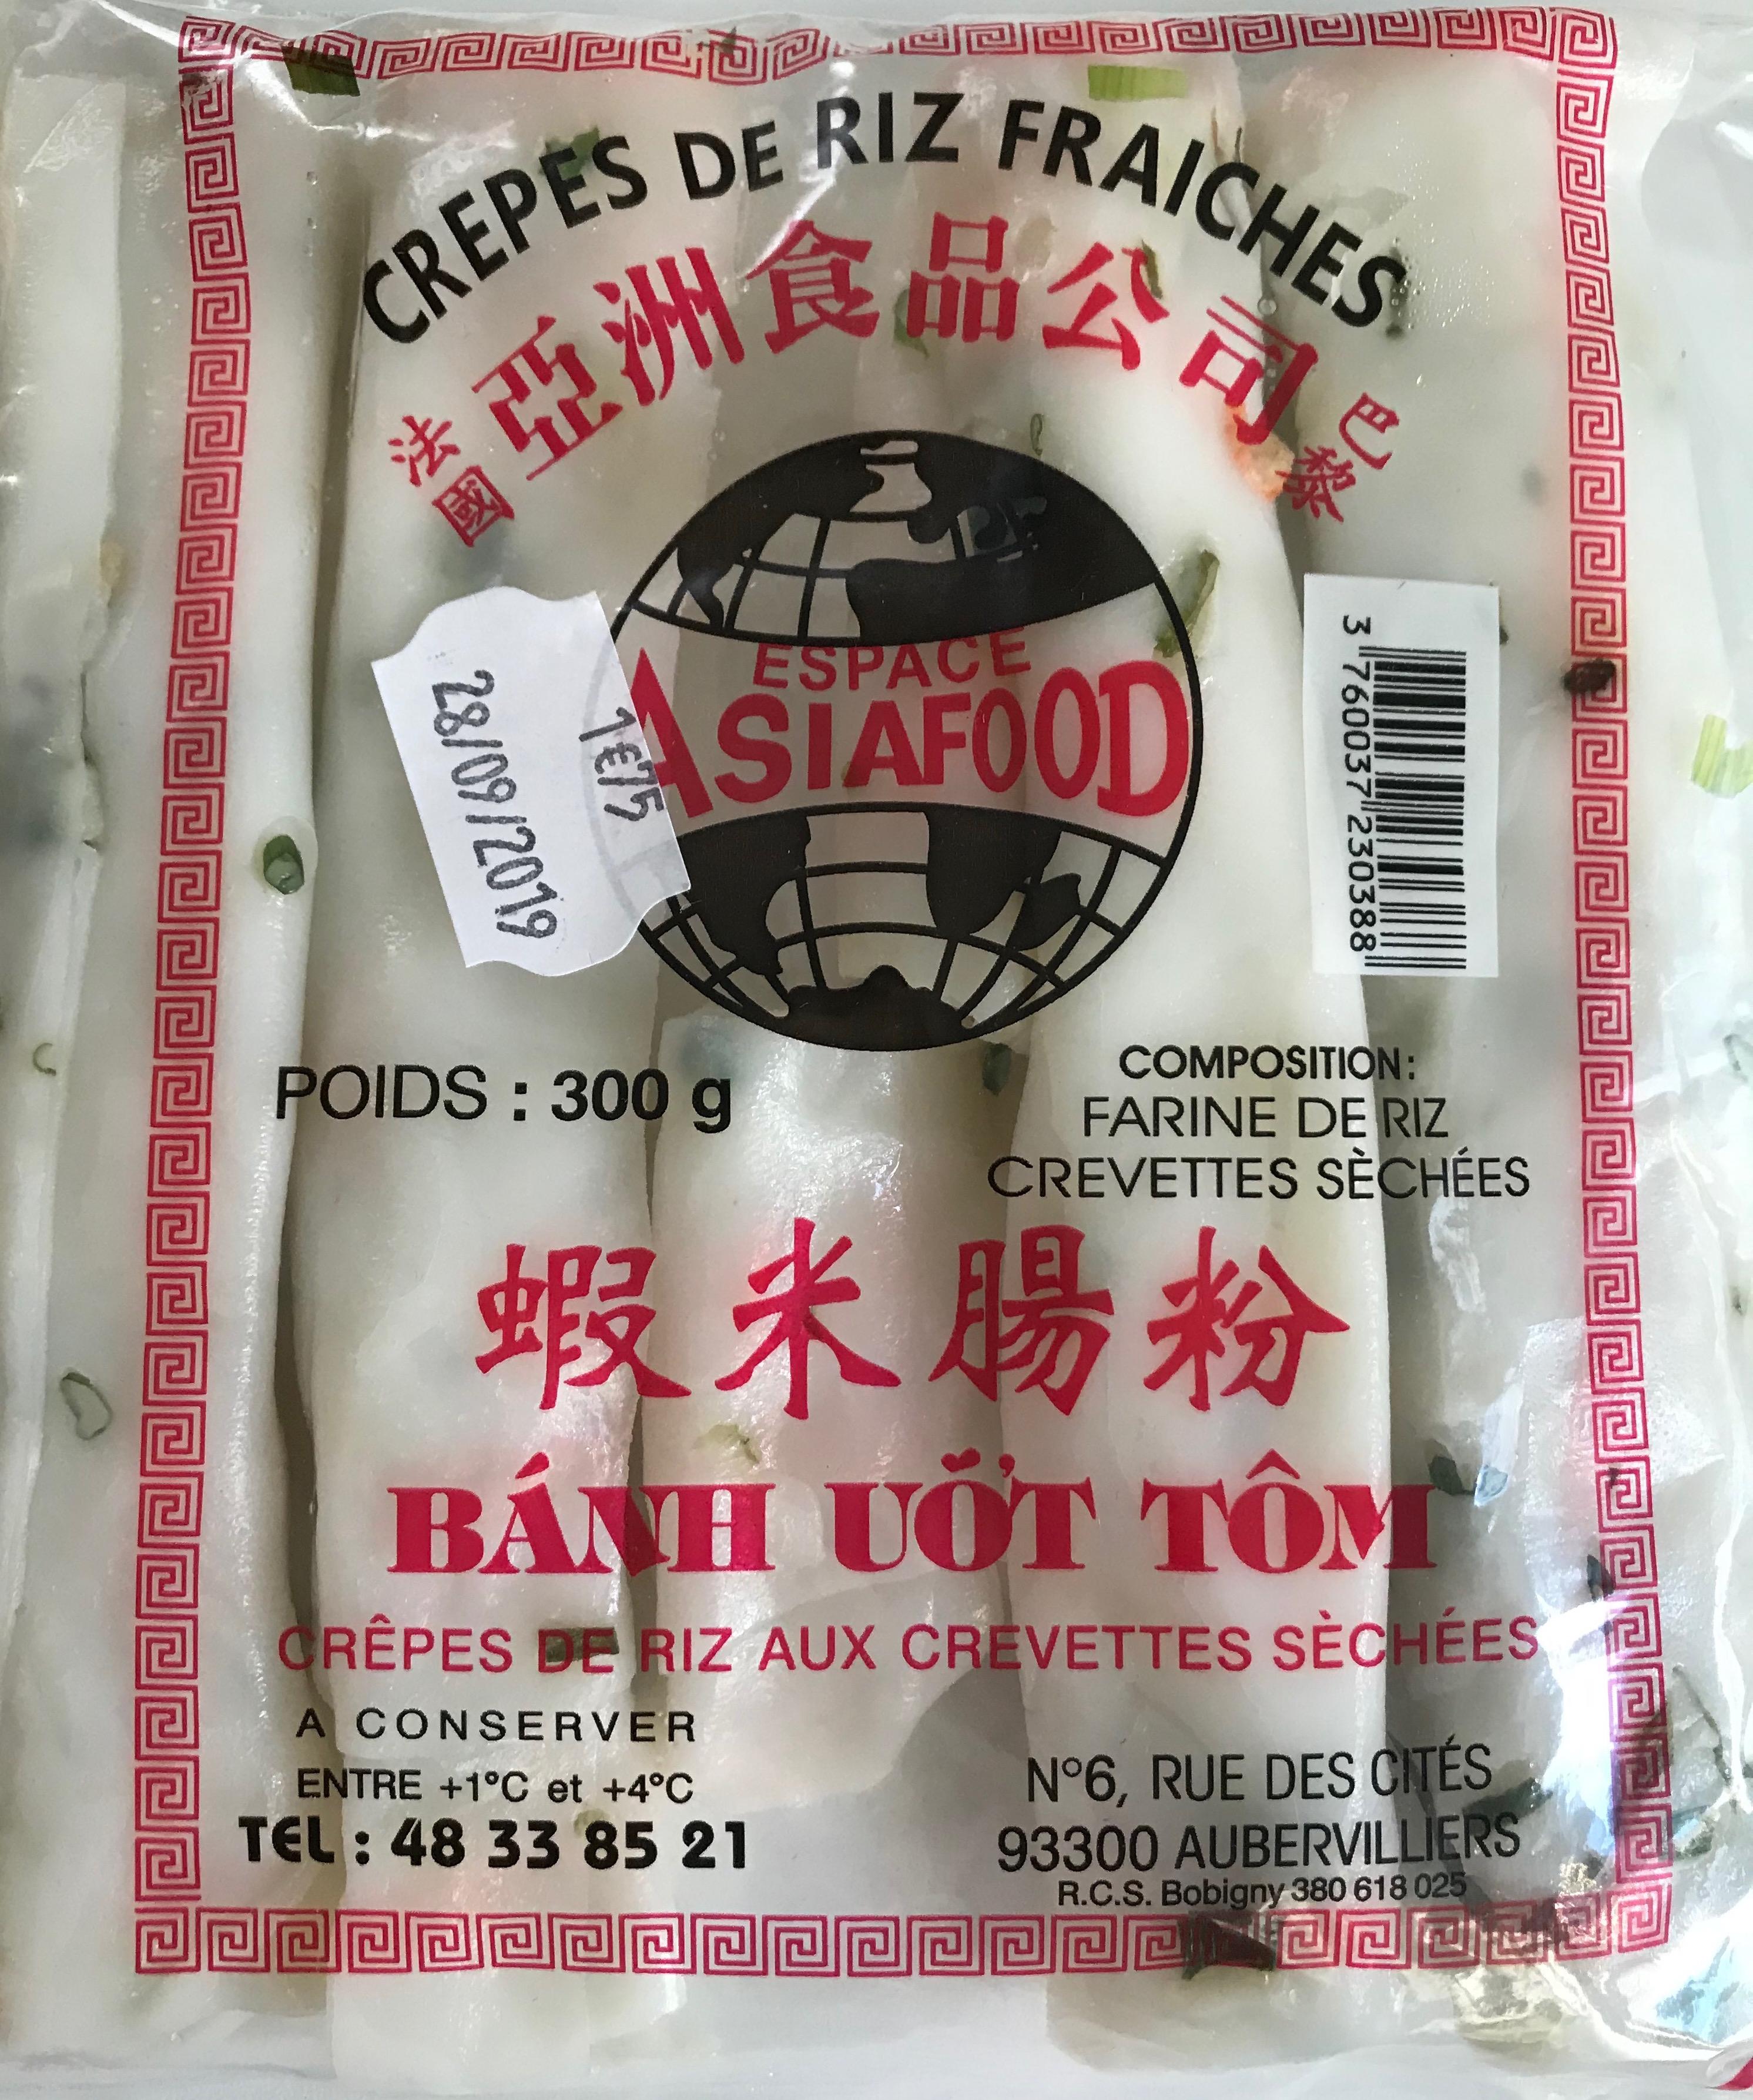 Crêpes de riz fraiches aux crevettes séchées, Espace Asia Food (300 g)